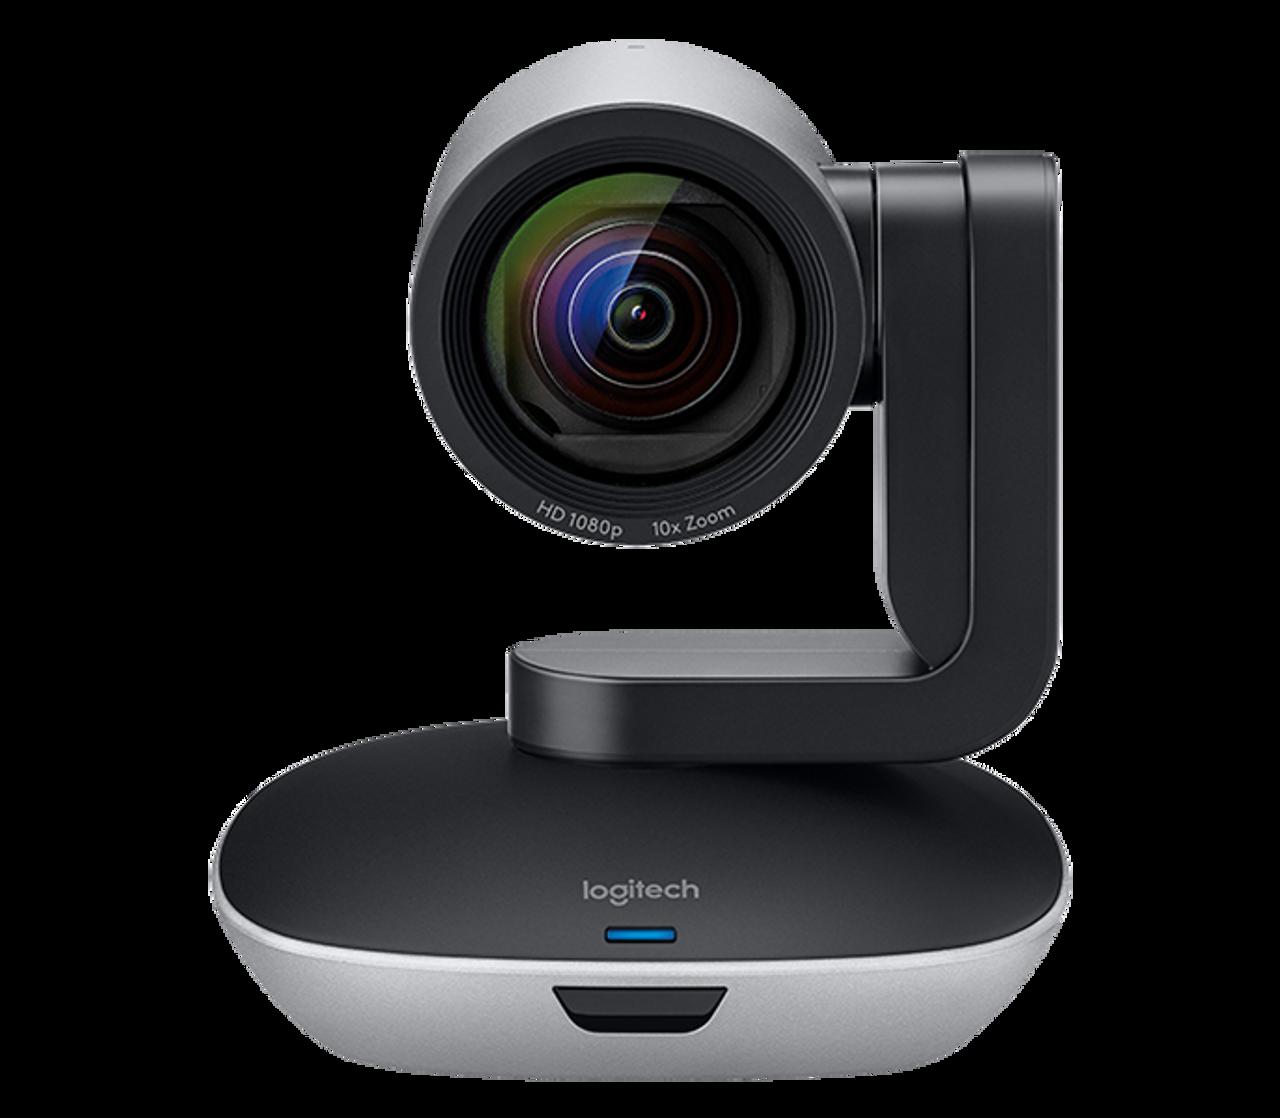 Logitech PTZ Pro 2 Camera for Zoom Room - VideoLink